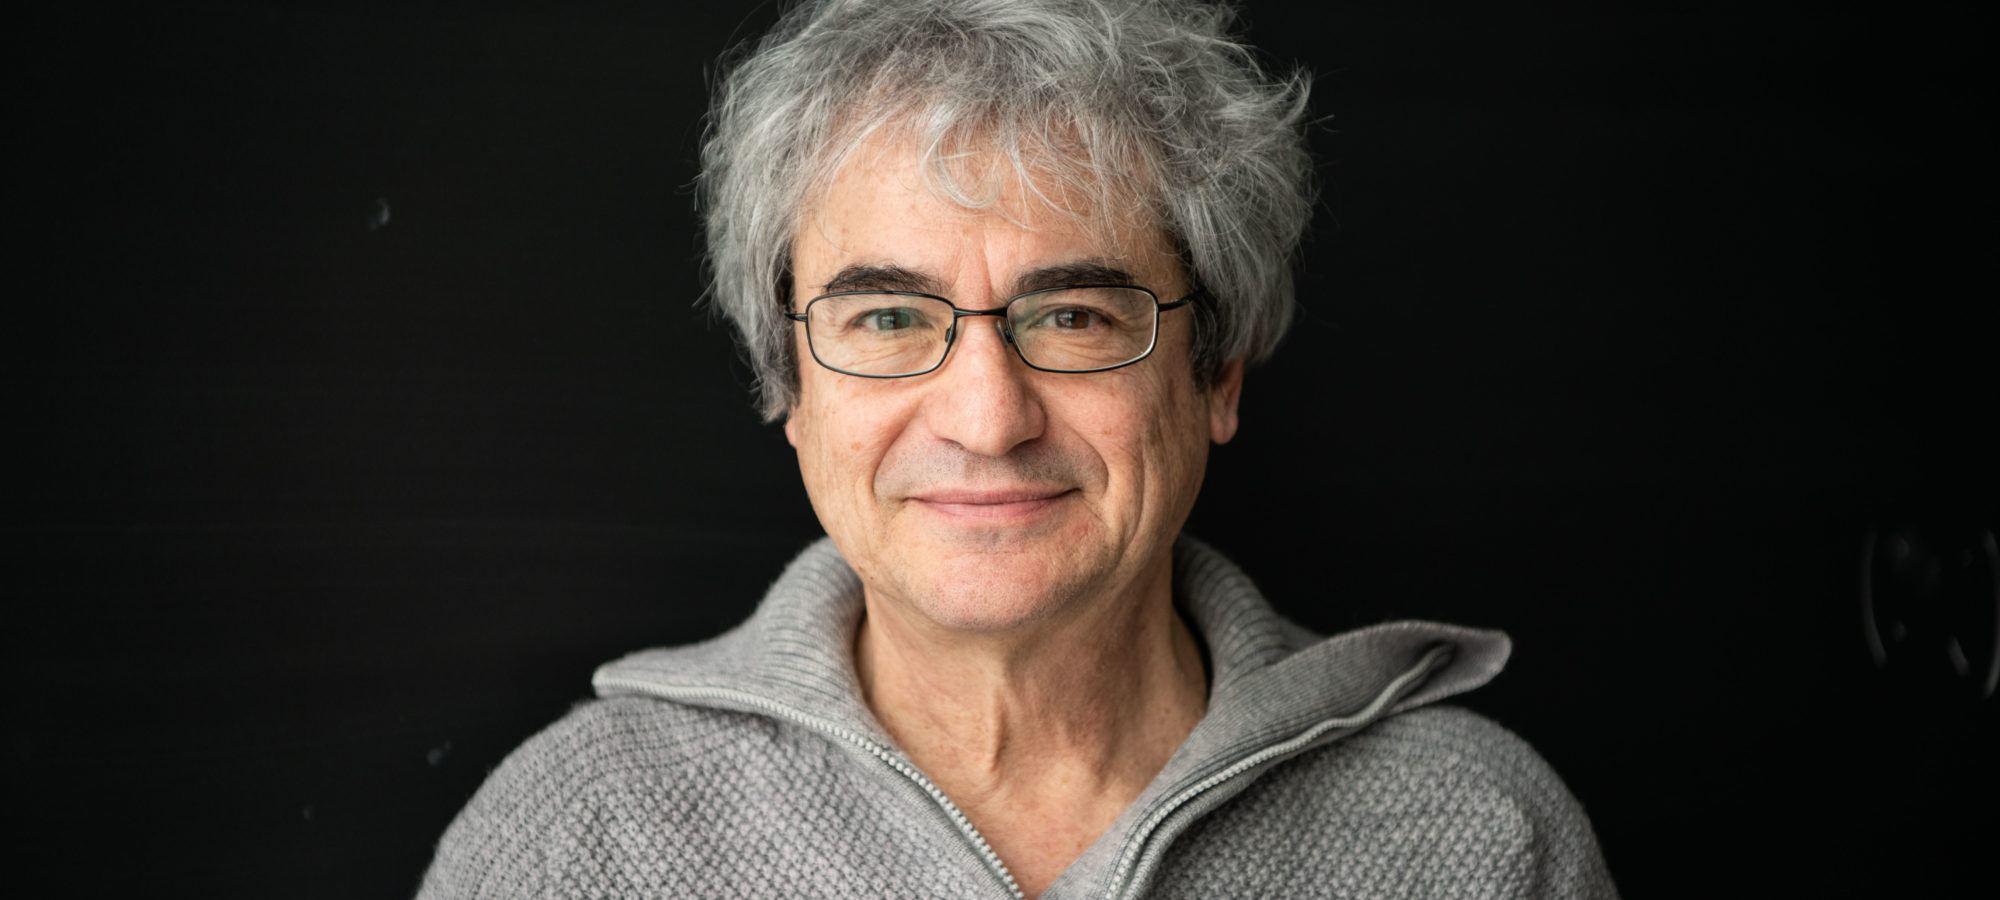 portrait of Carlo Rovelli